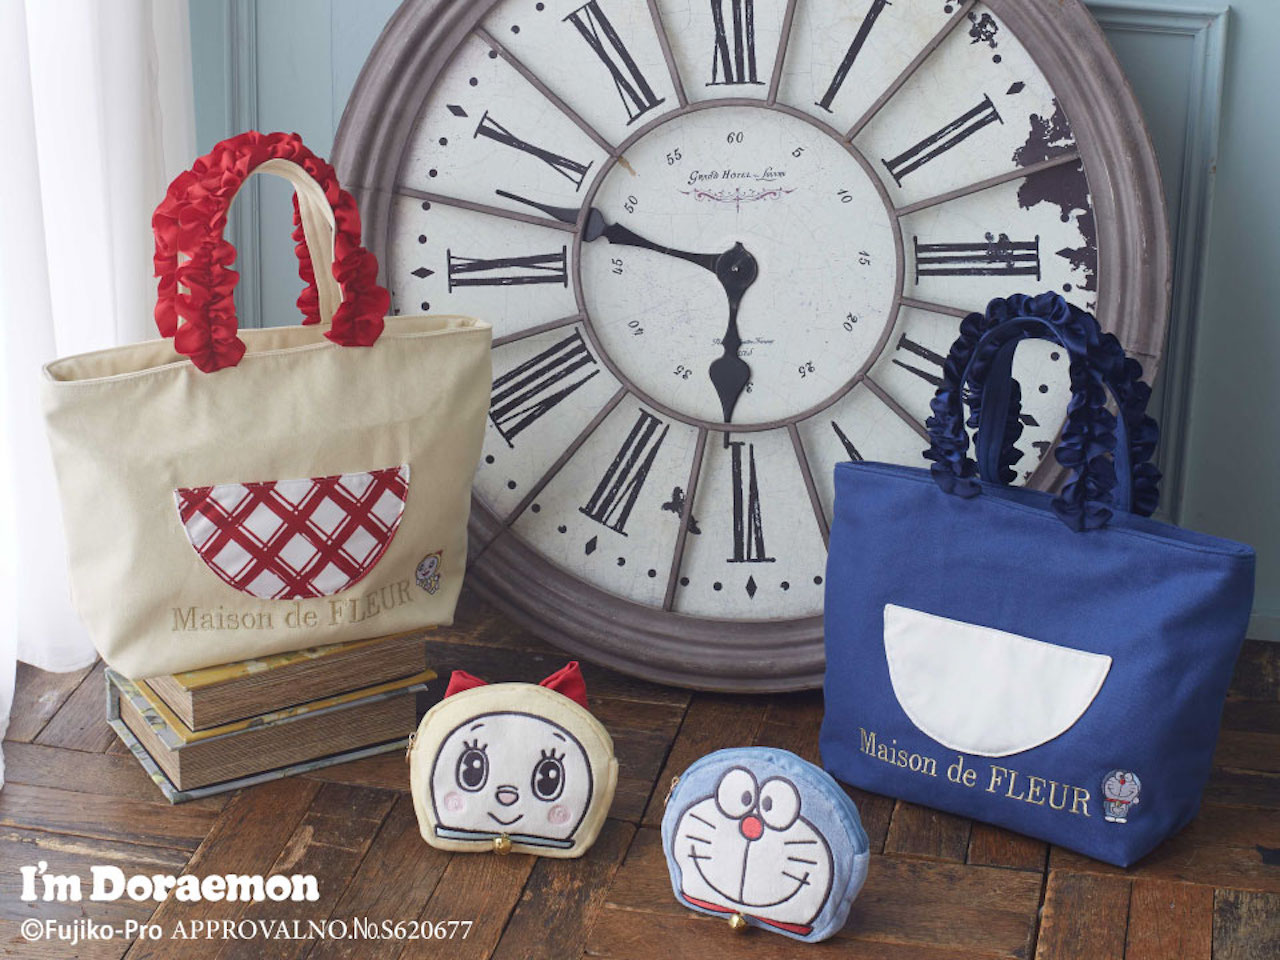 「アイムドラえもん」コレクションのバッグ